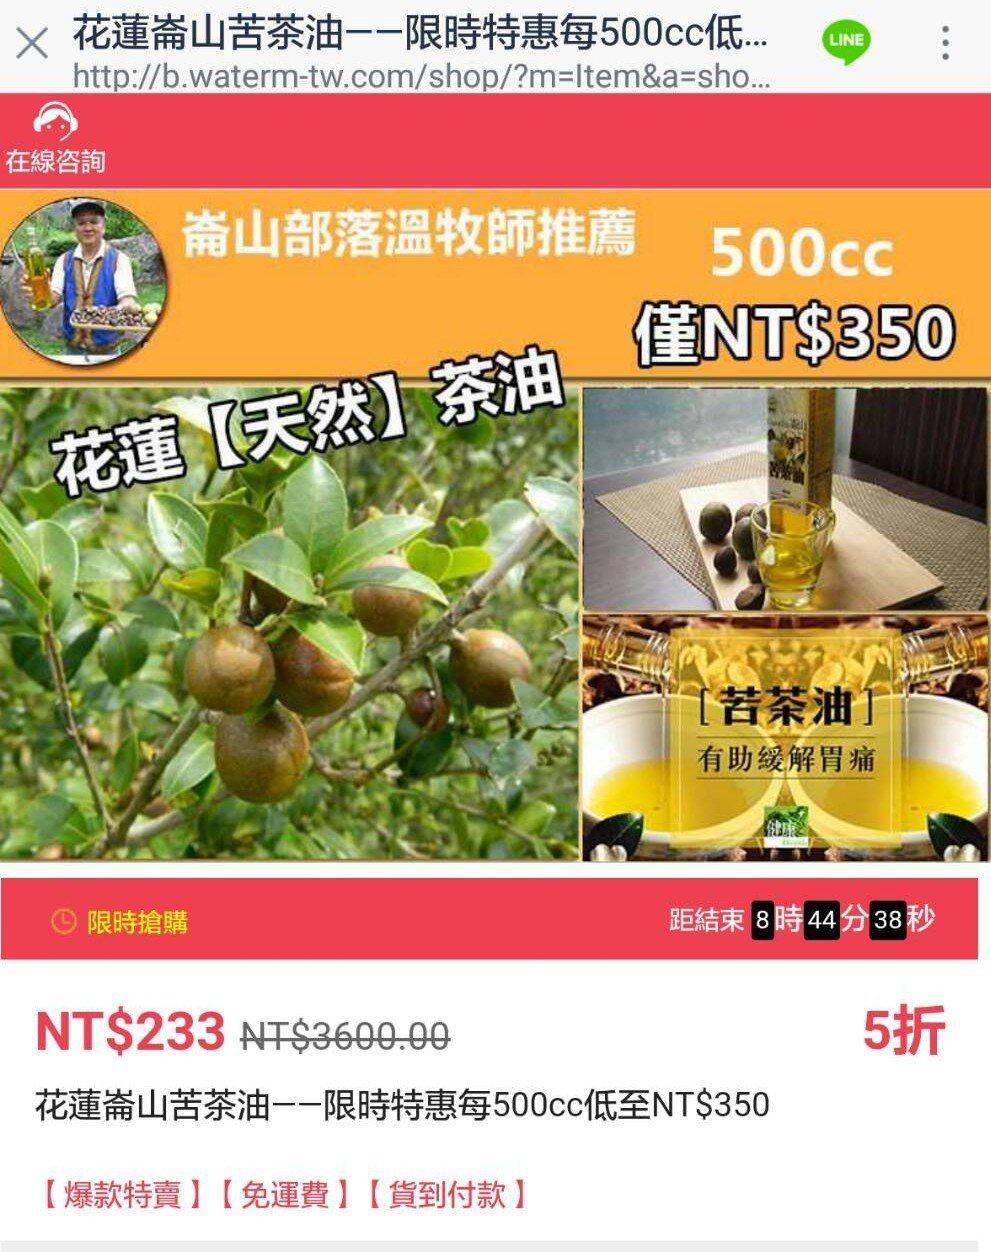 詐騙集團發布 假苦茶油購買訊息(二)。圖/取自臉書